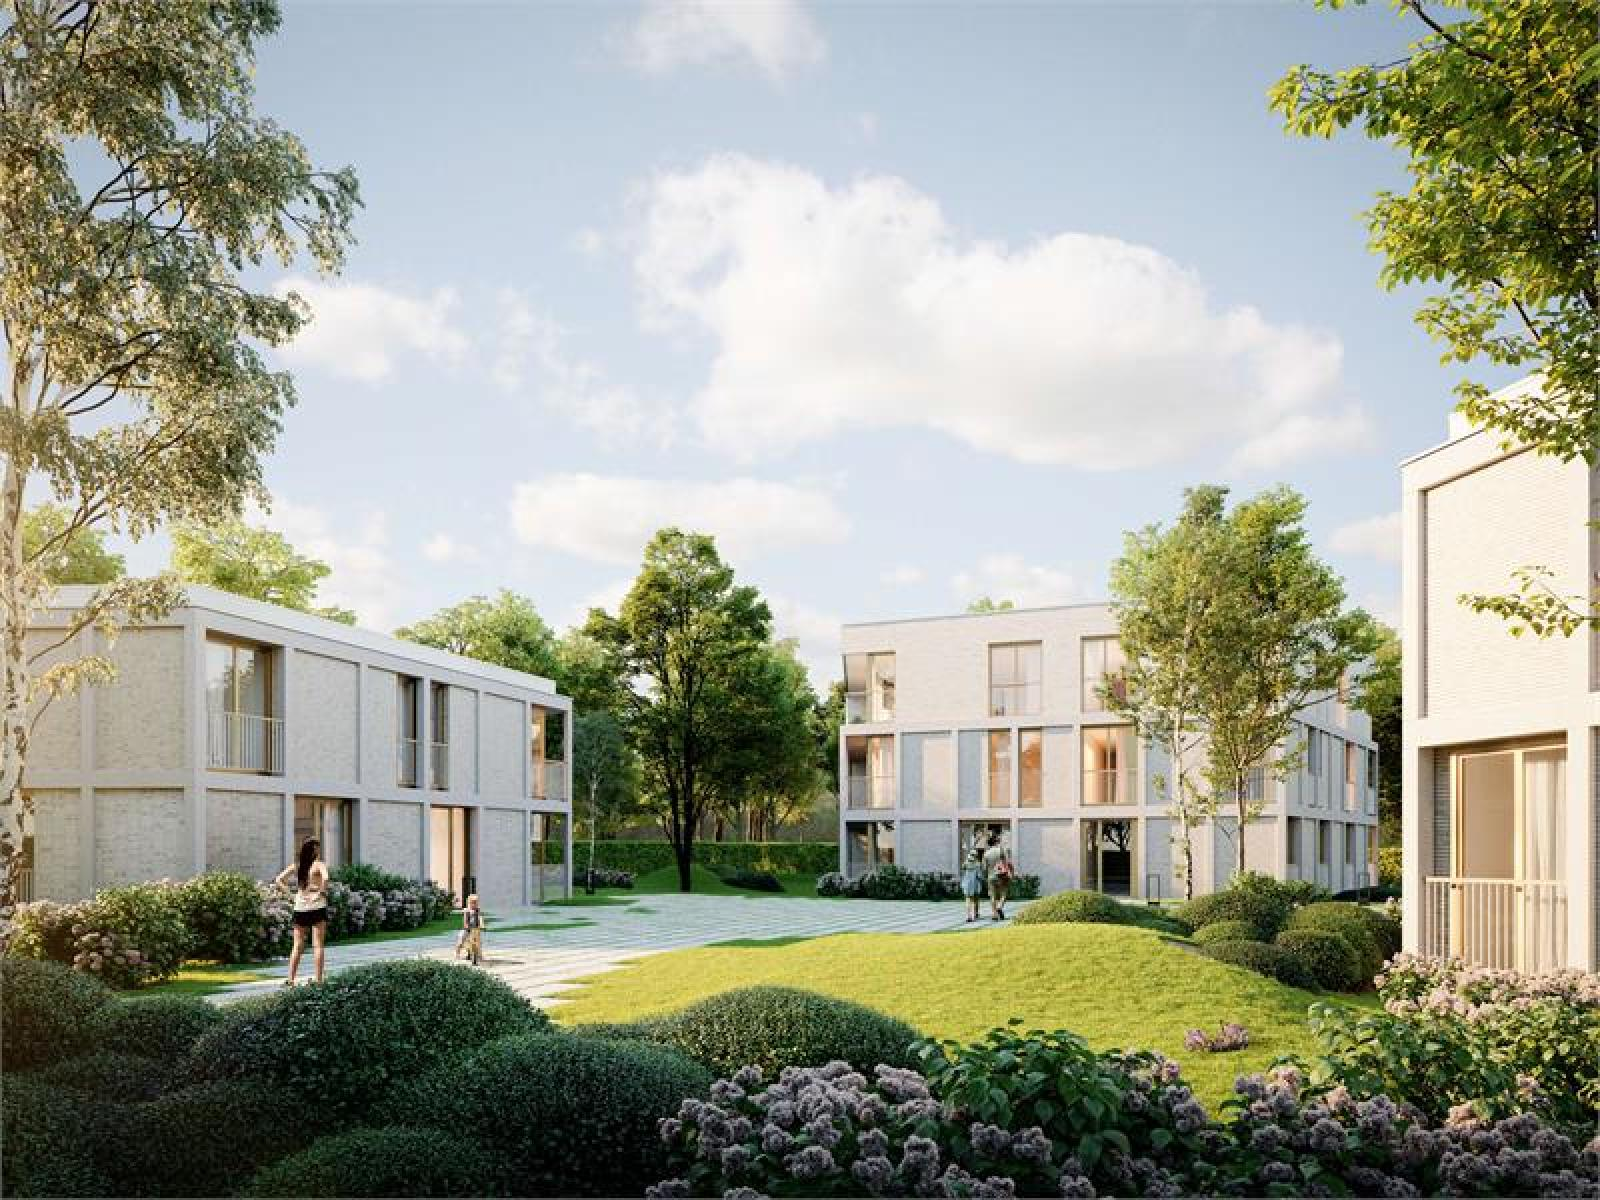 Nieuwbouw BEN-appartement op de gelijkvloers verdieping in prachtig binnengebied! afbeelding 5